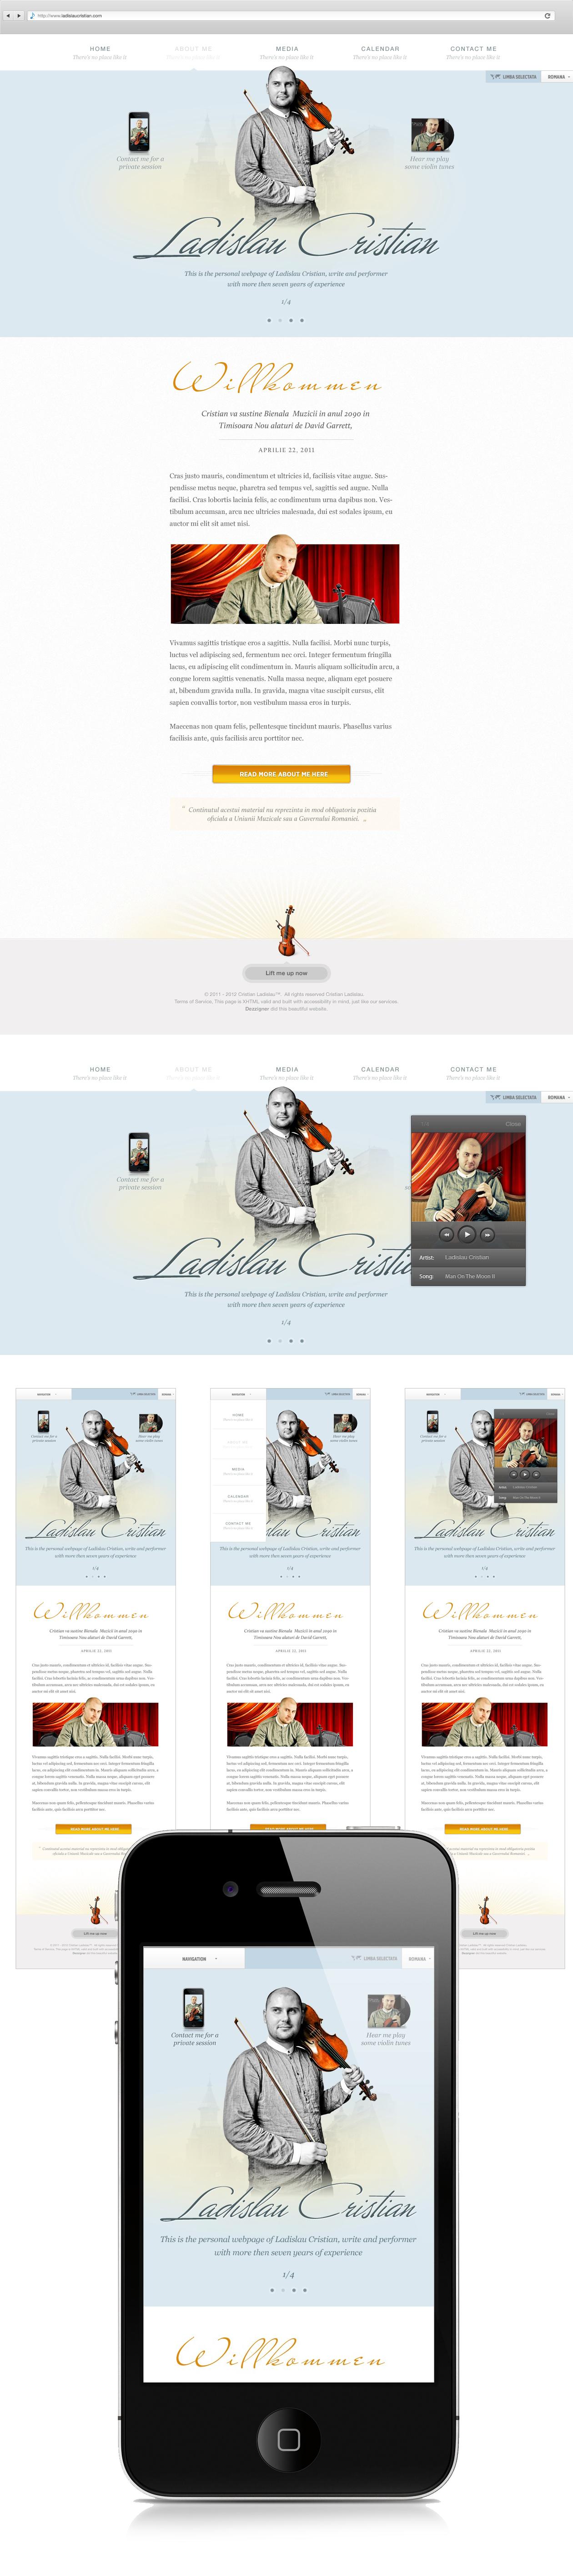 Ladislau Cristian by rusadrianewald